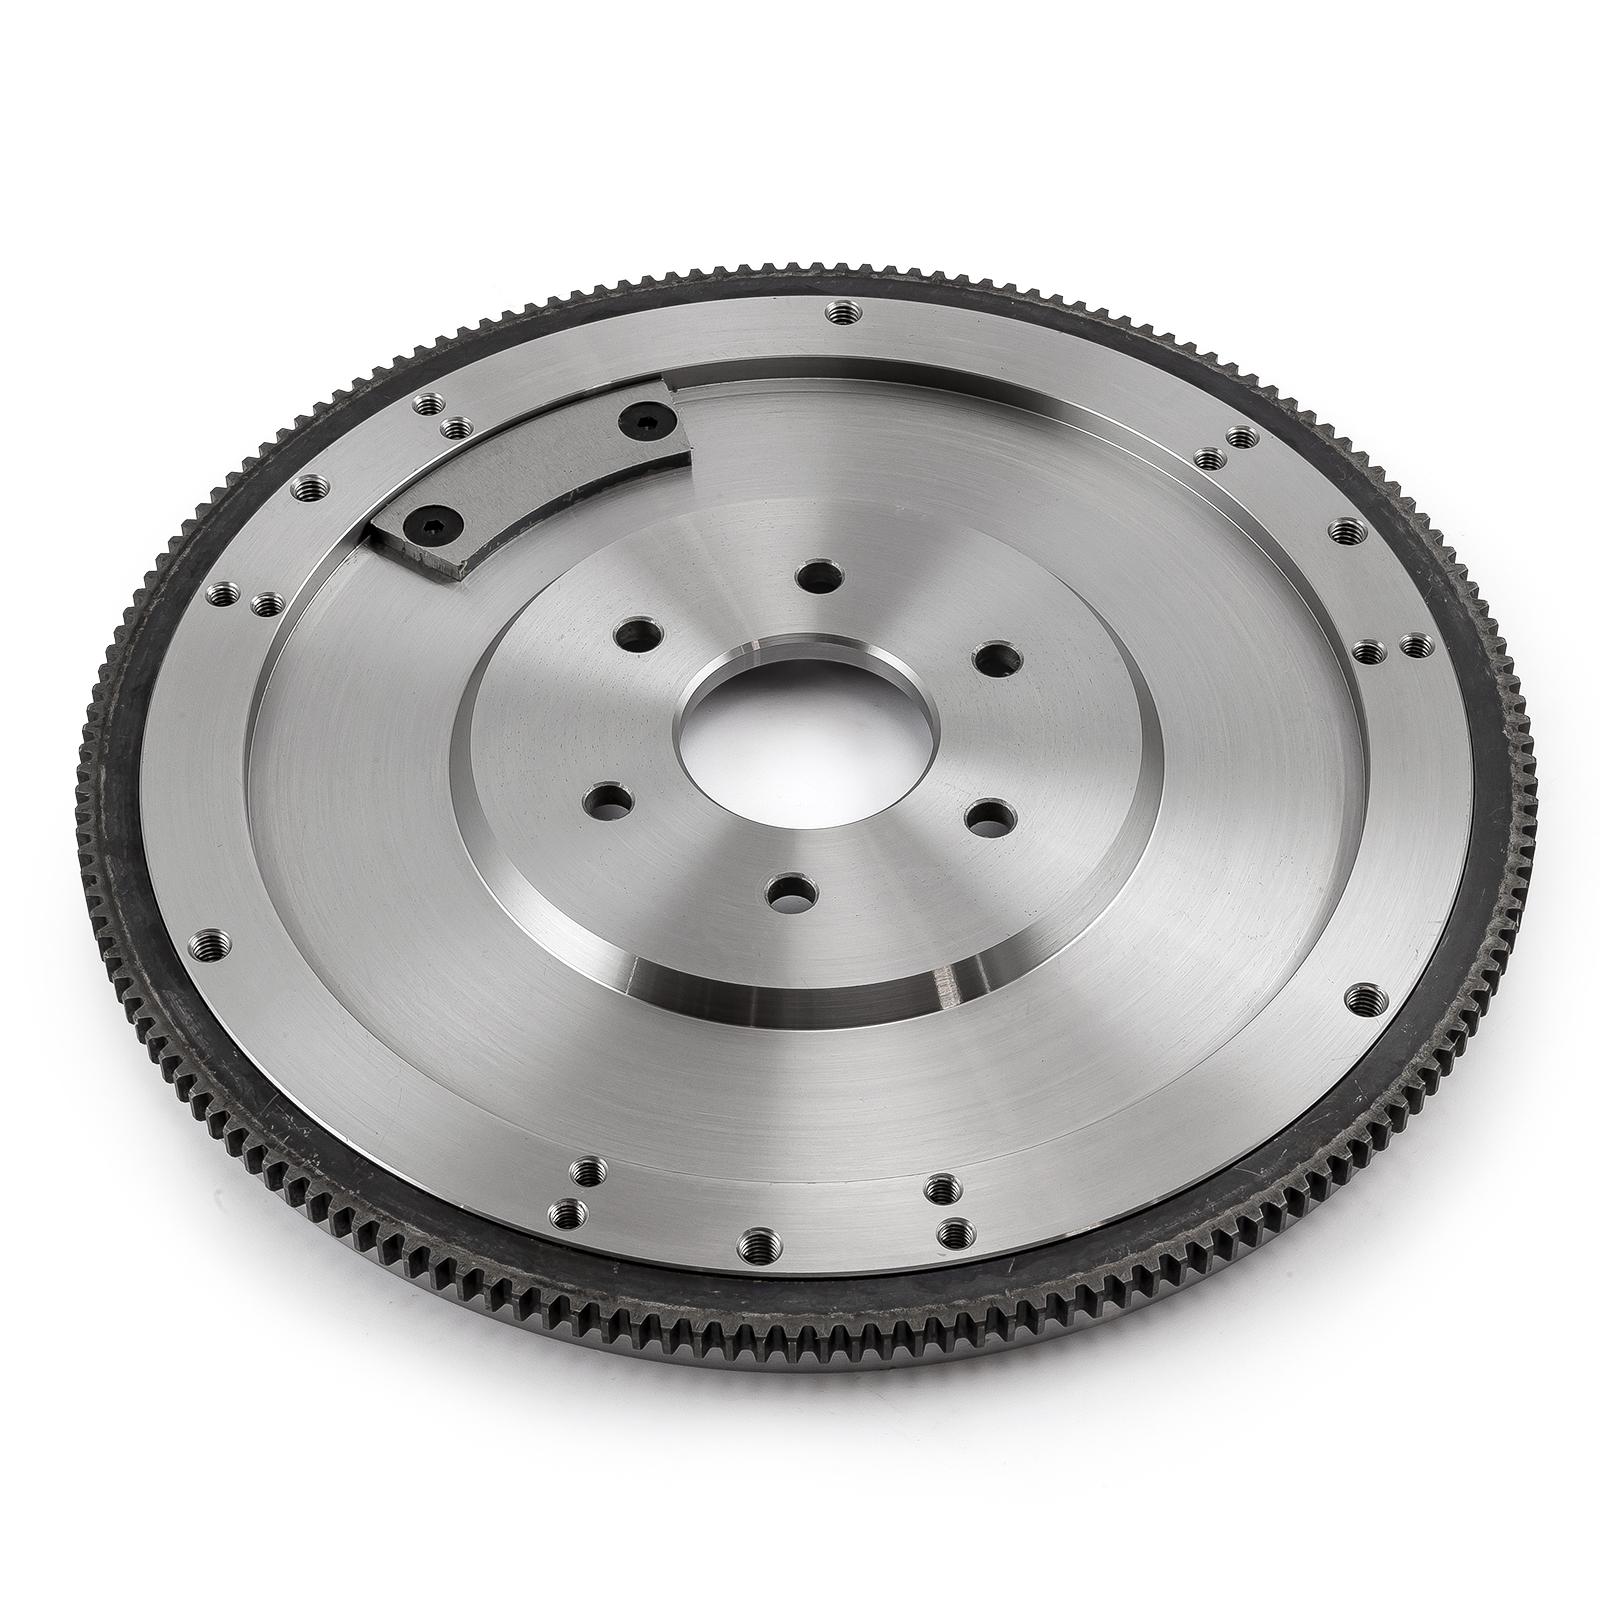 Ford 429 460 164 Tooth Internal / External Bal. Billet Steel SFI Flywheel